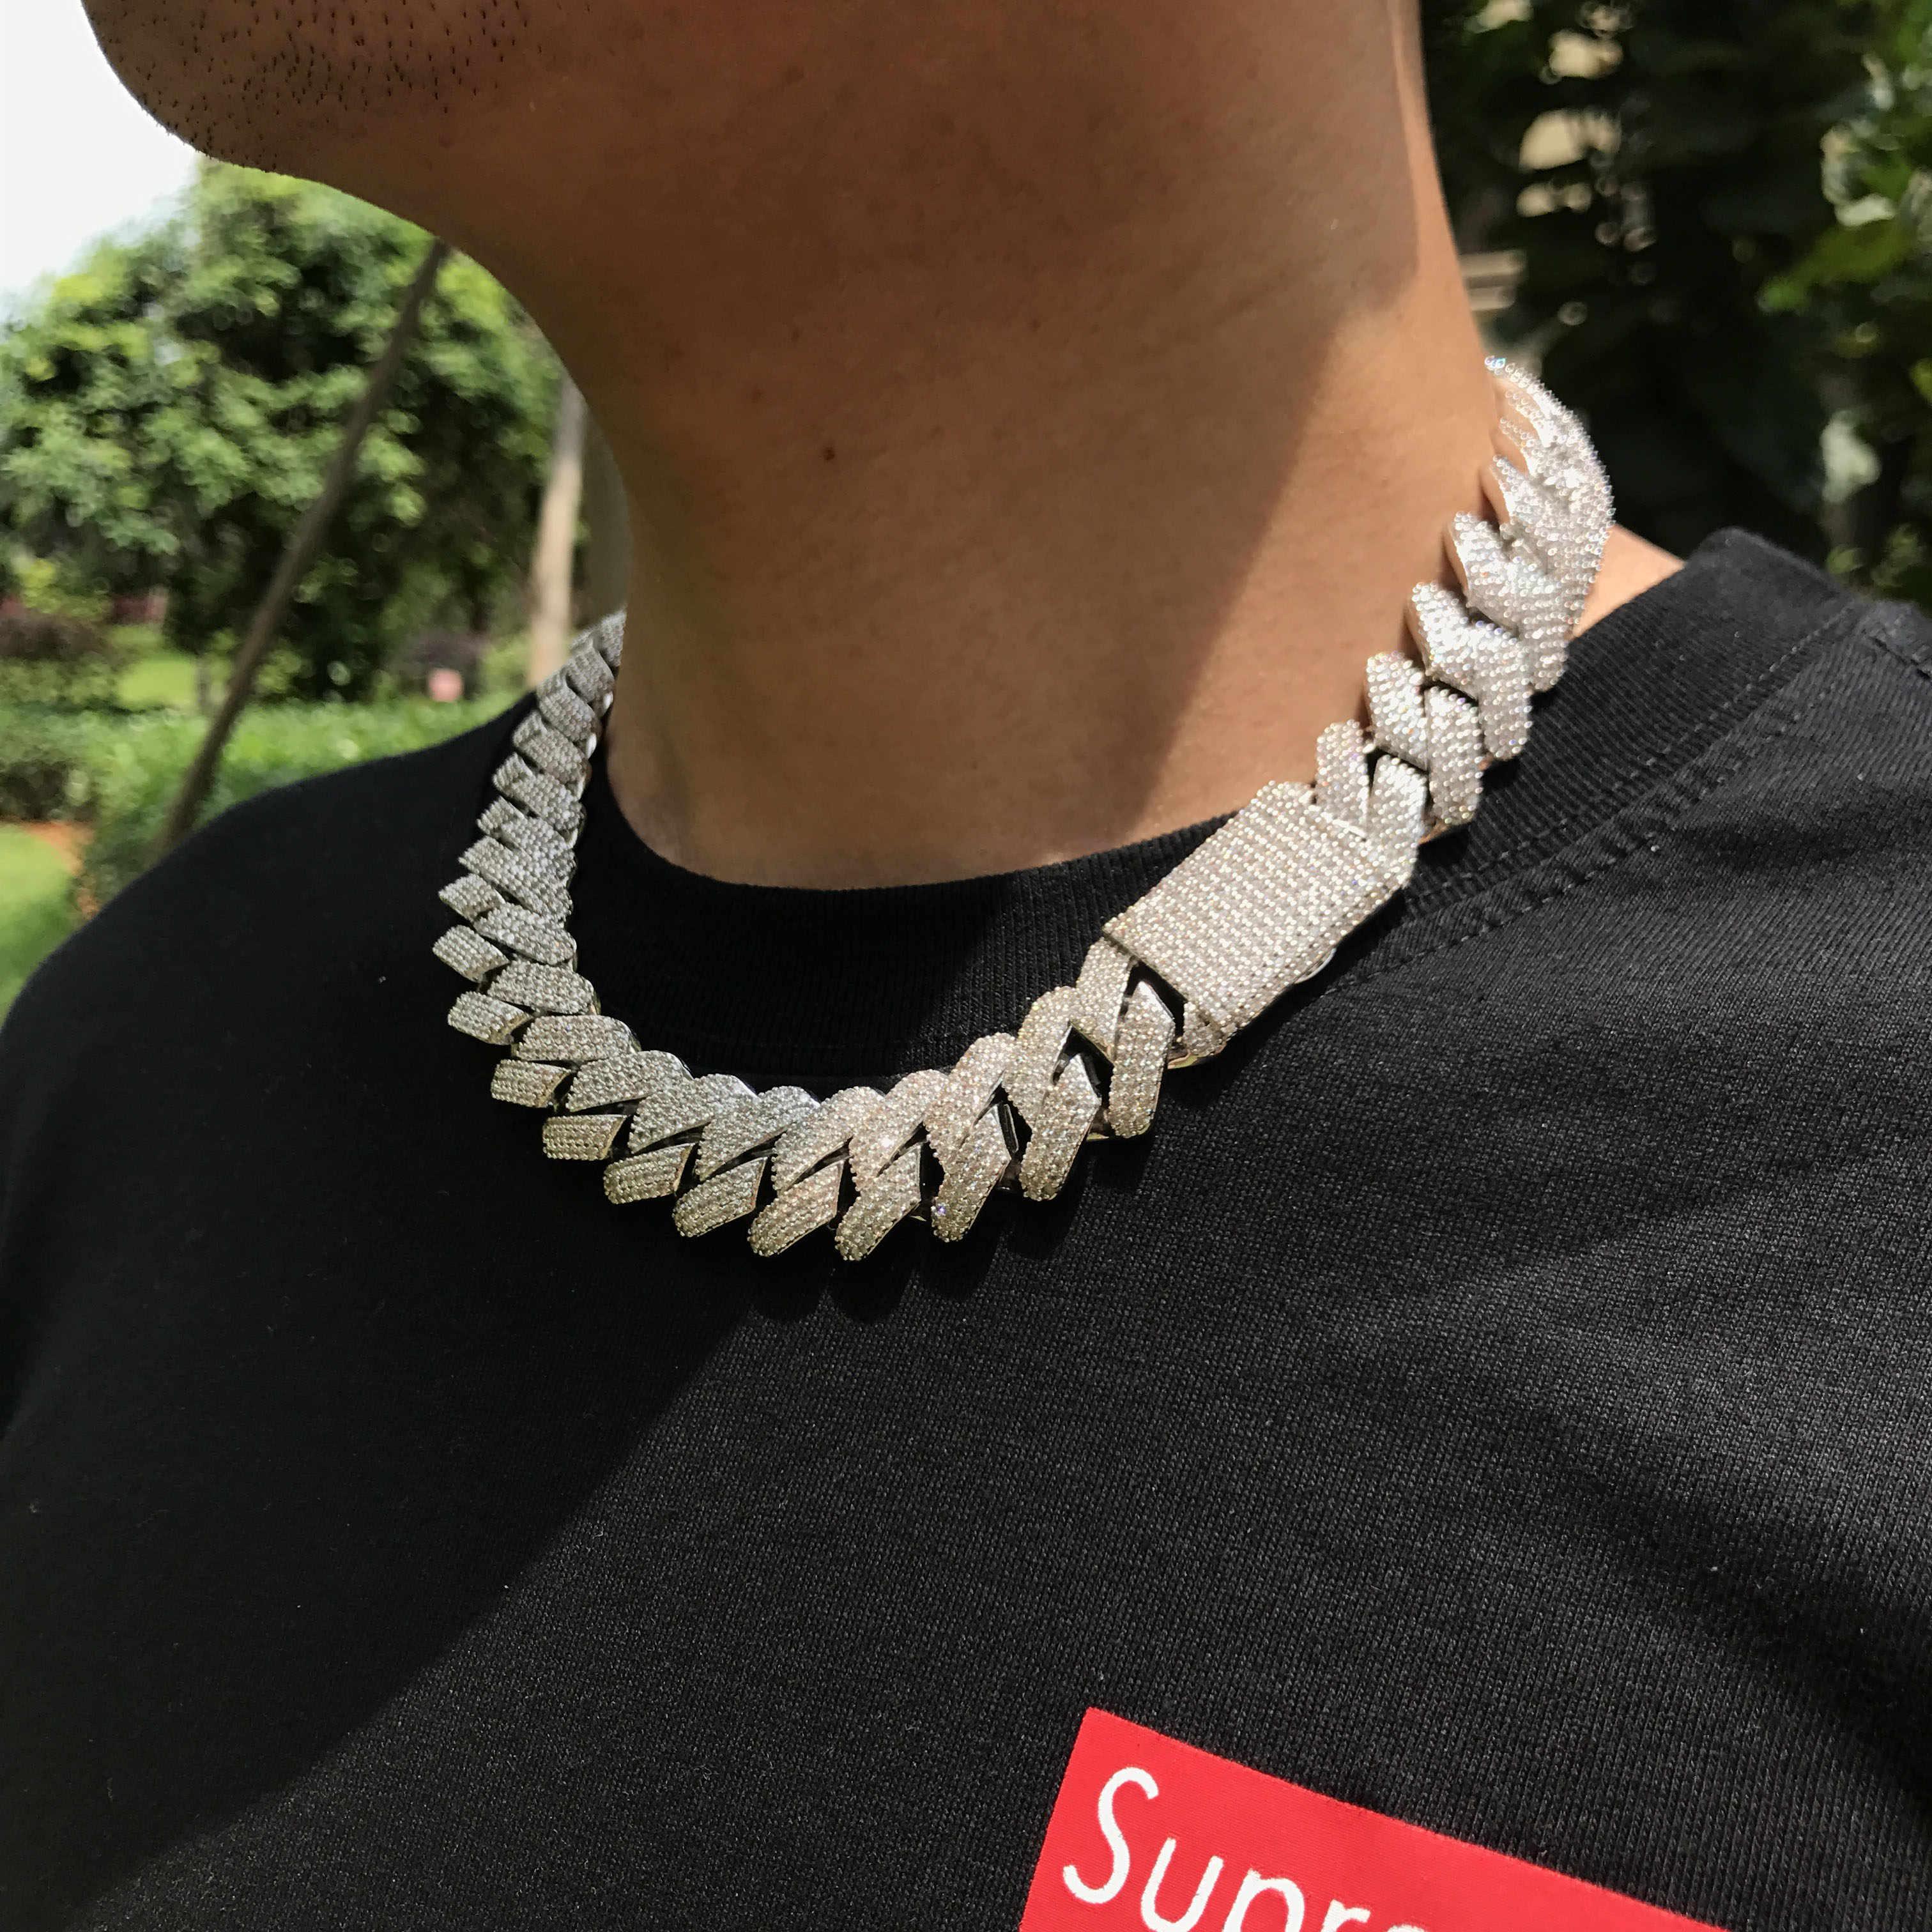 Ciężki łańcuch kubański link dla mężczyzn hurtownia biżuterii mrożony łańcuch kubański link